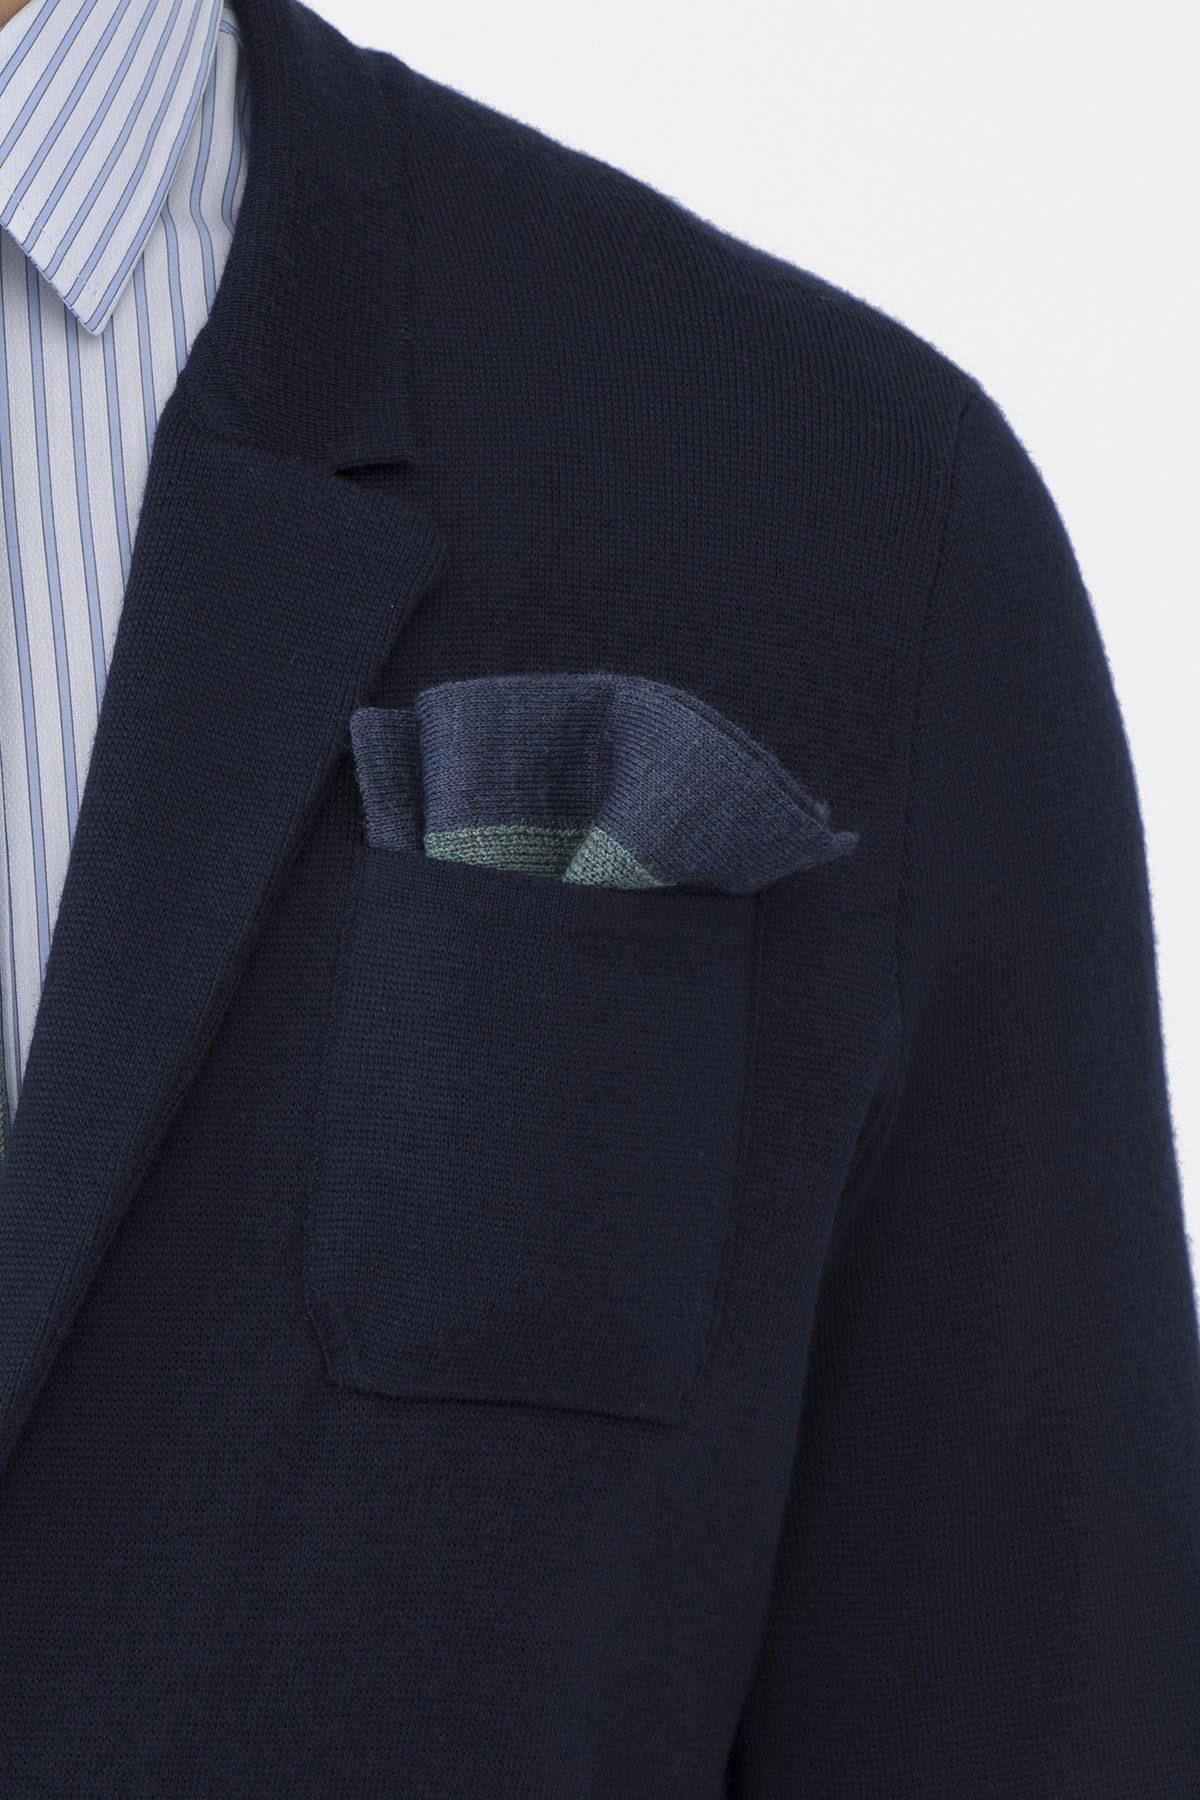 Hemington Yeşil Açık Yeşil Örgü Ceket Mendili 1